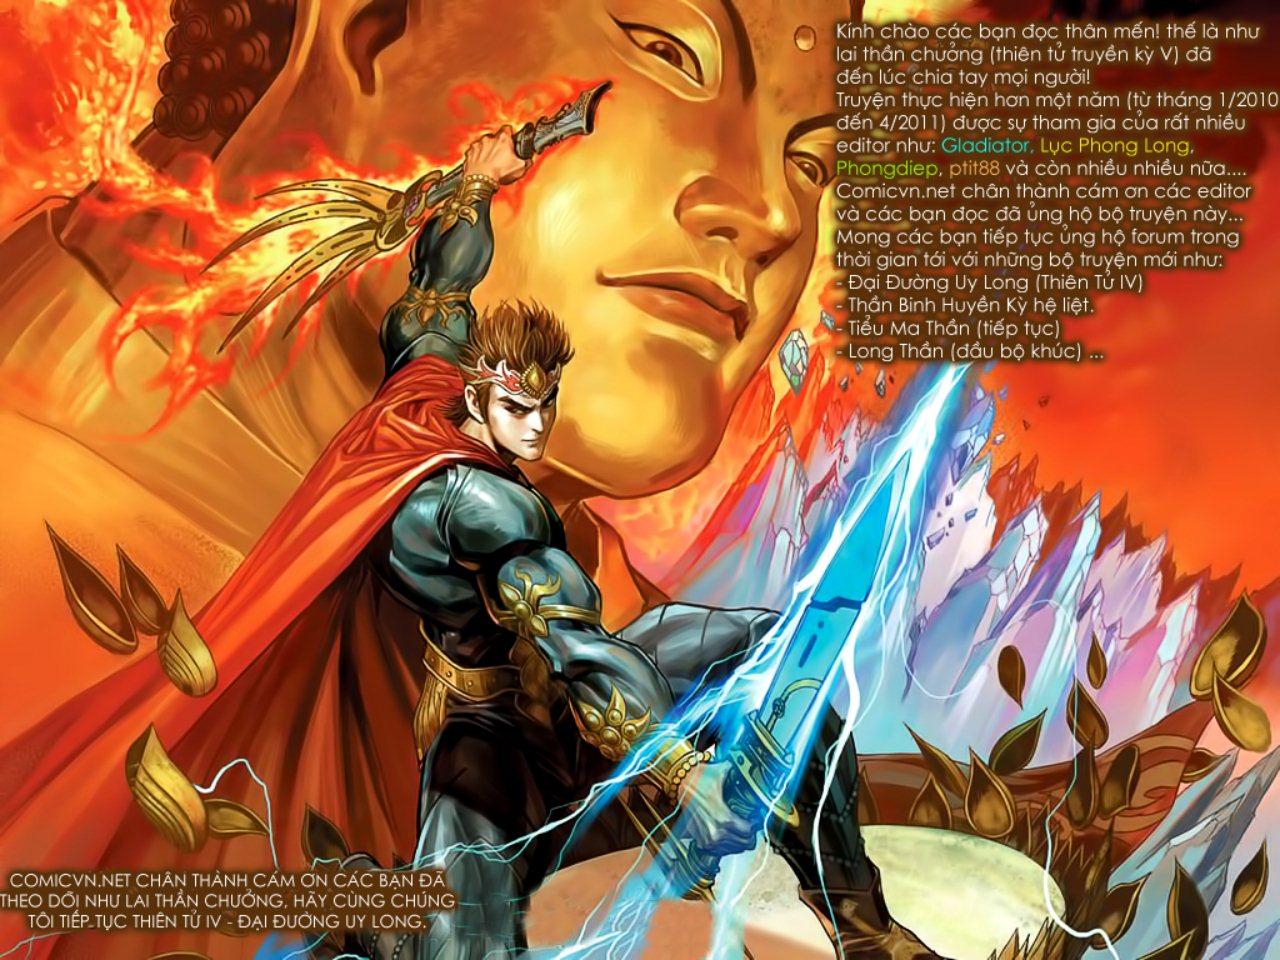 Thiên Tử Truyền Kỳ 5 - Như Lai Thần Chưởng chap 214 - Trang 1